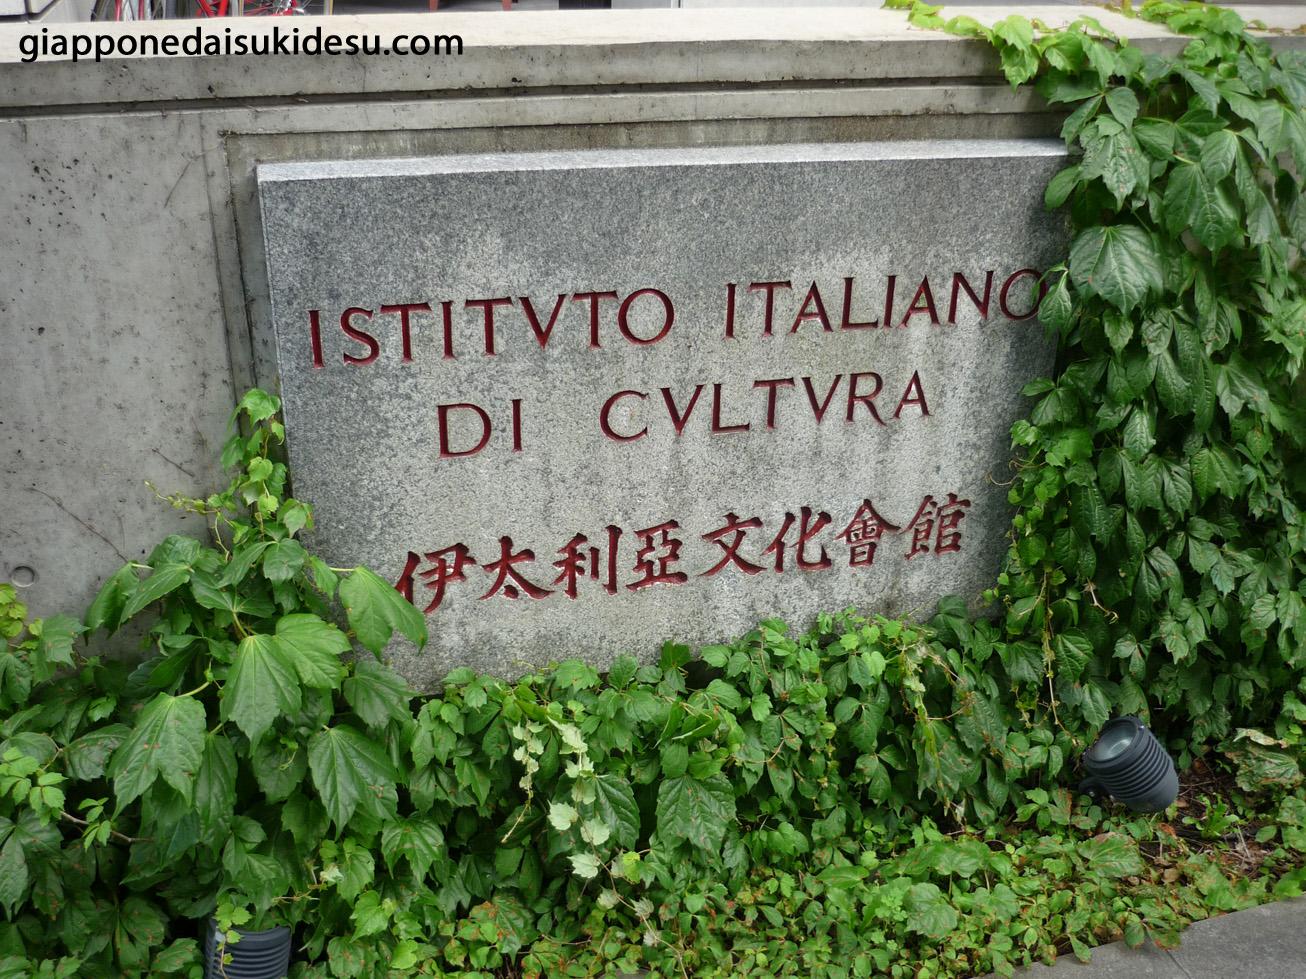 Giappone dai suki desu istituto italiano di cultura a tokyo for Istituto italiano